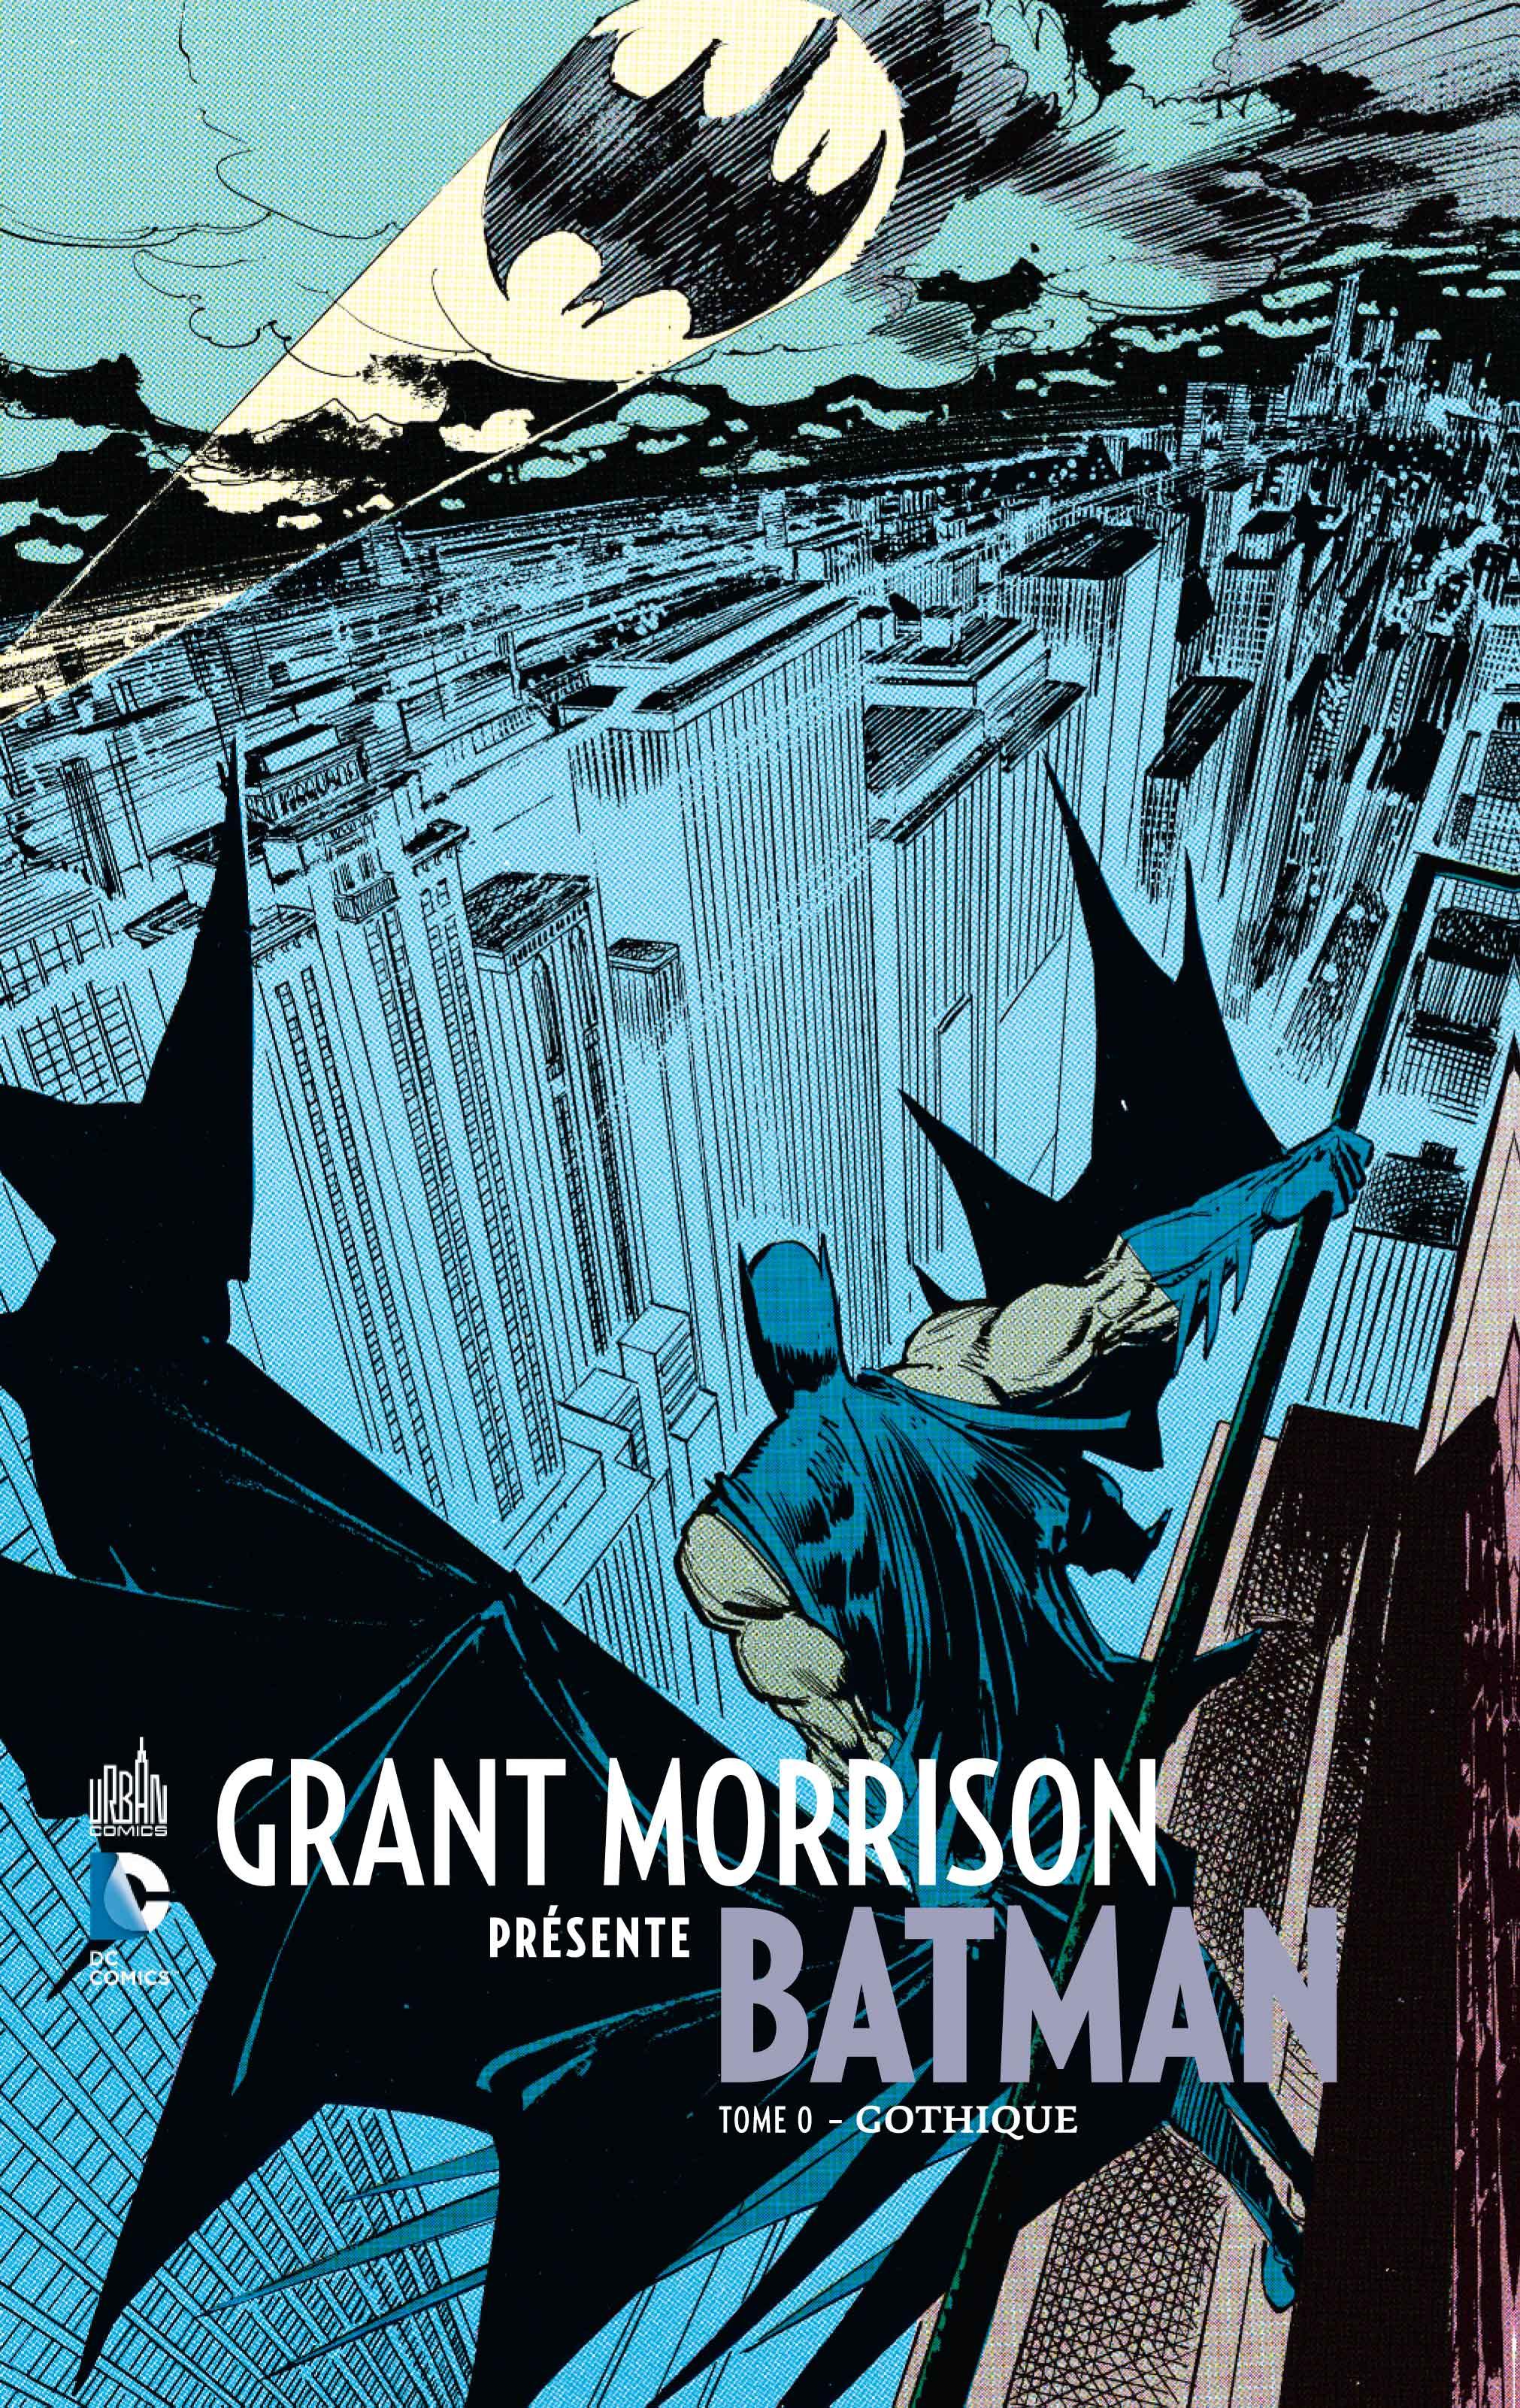 Grant Morrison Présente Batman 0 - Gothique